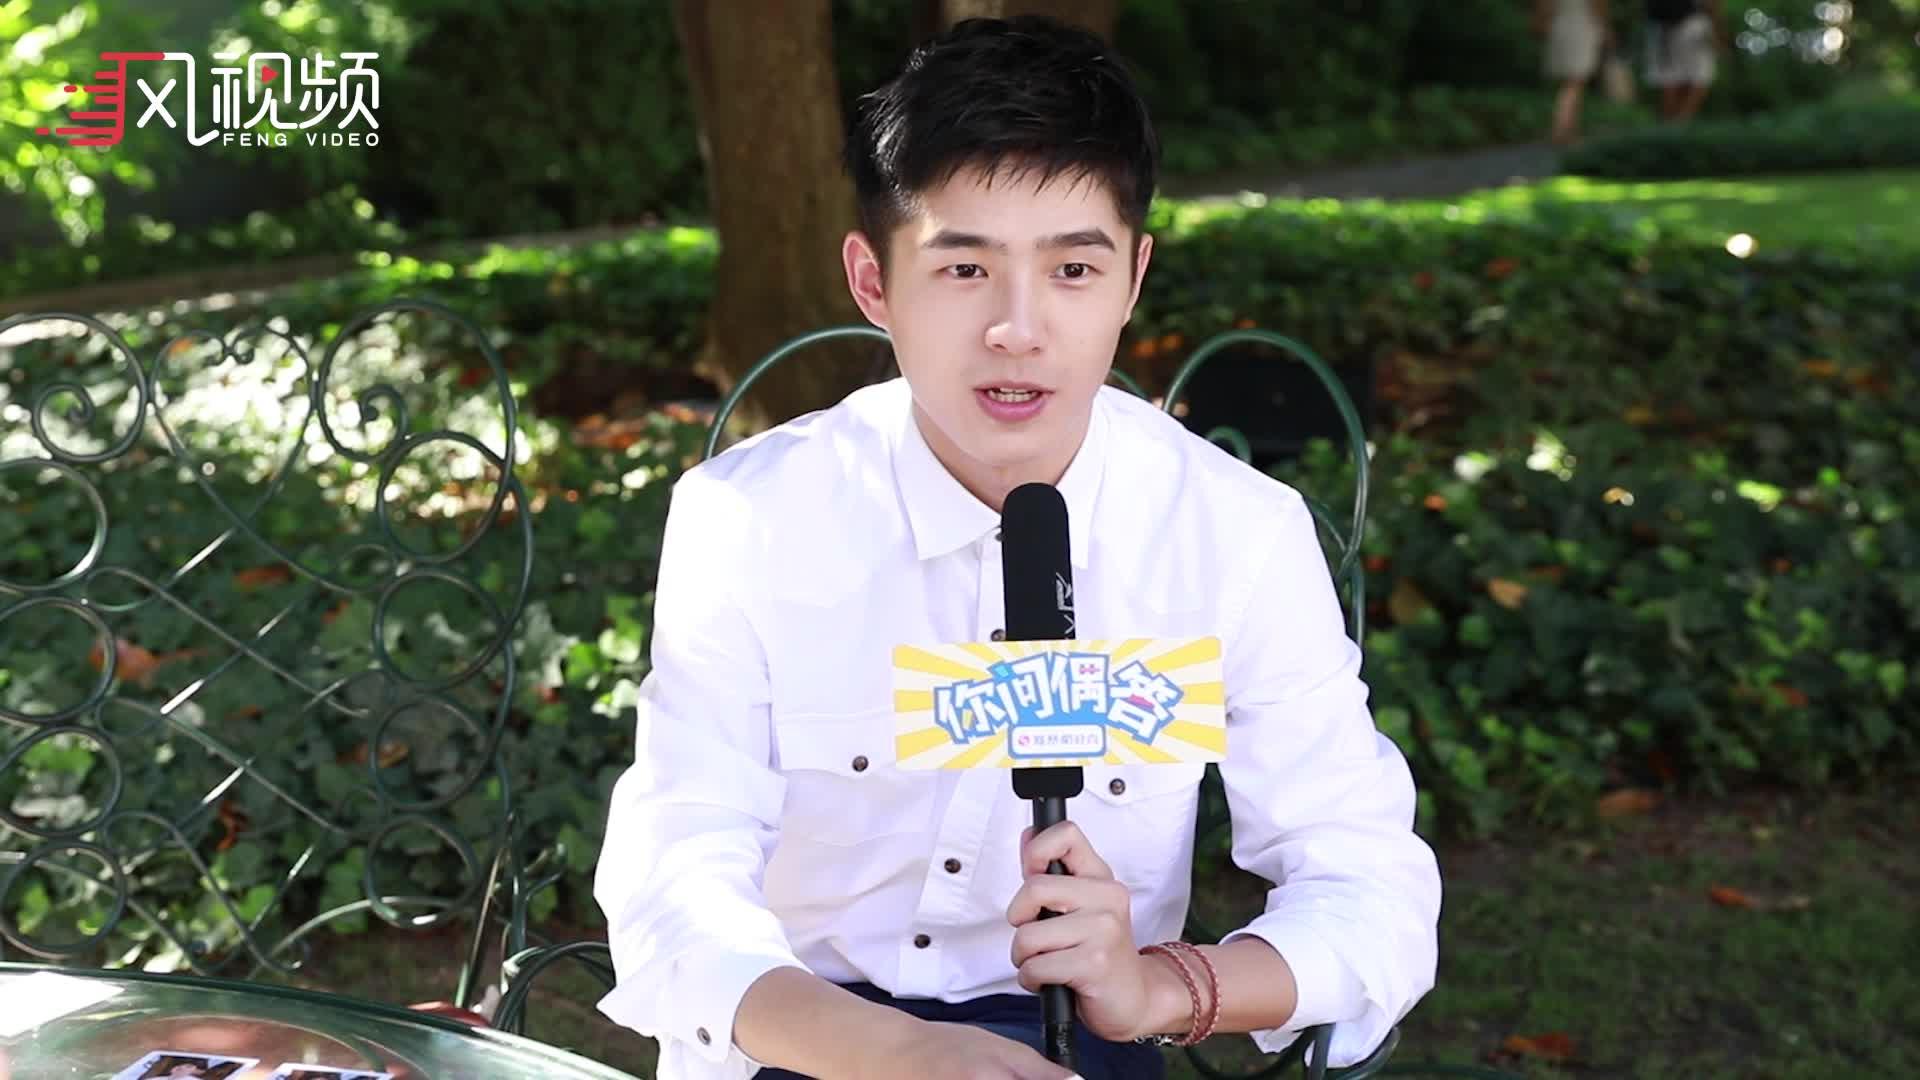 刘昊然:我最想要的车就是是它!